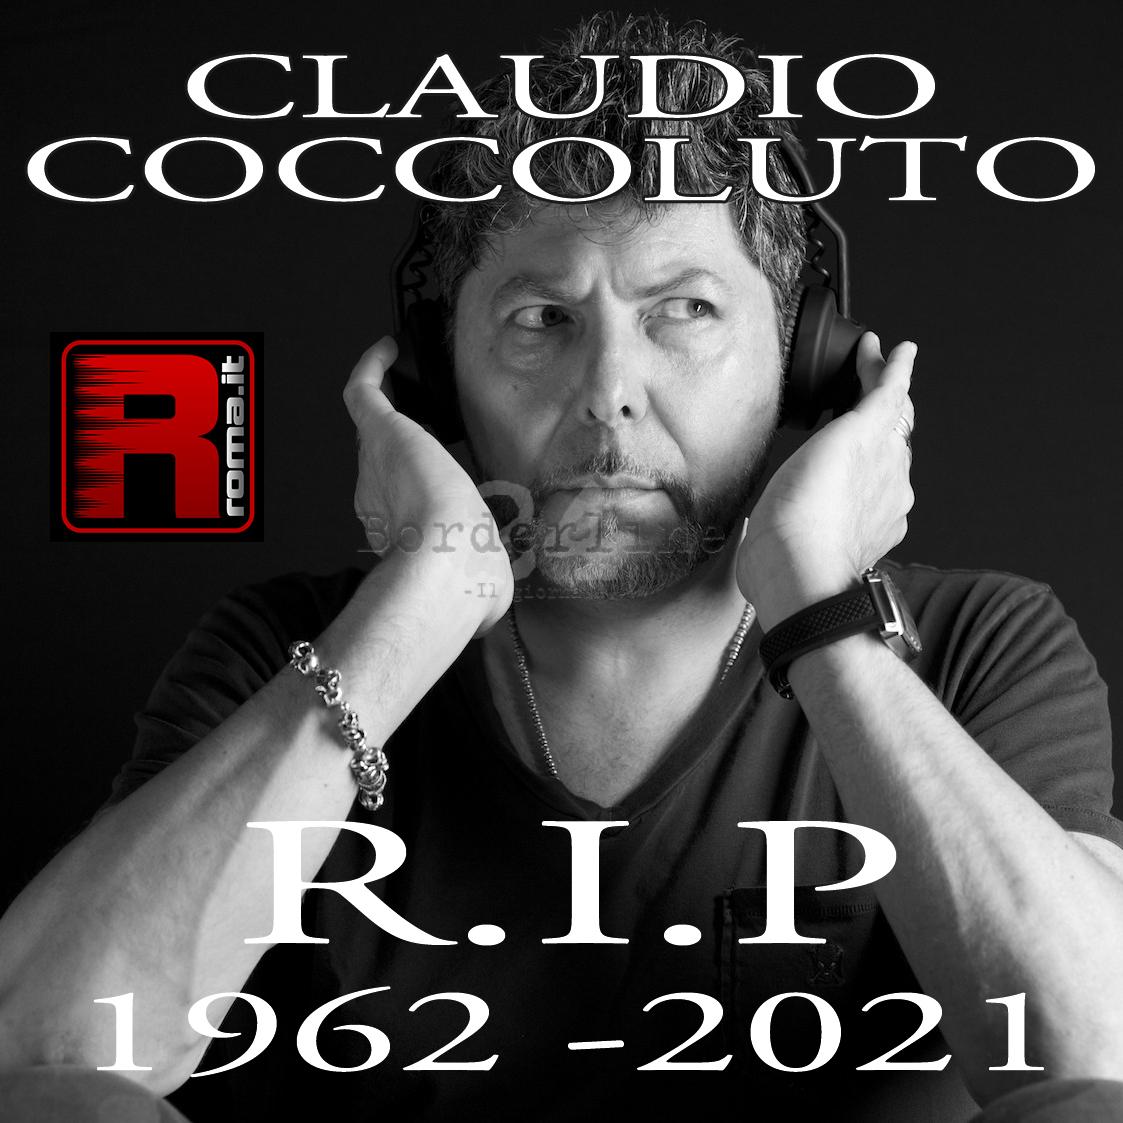 Morto il deejay Claudio Coccoluto, a 59 anni